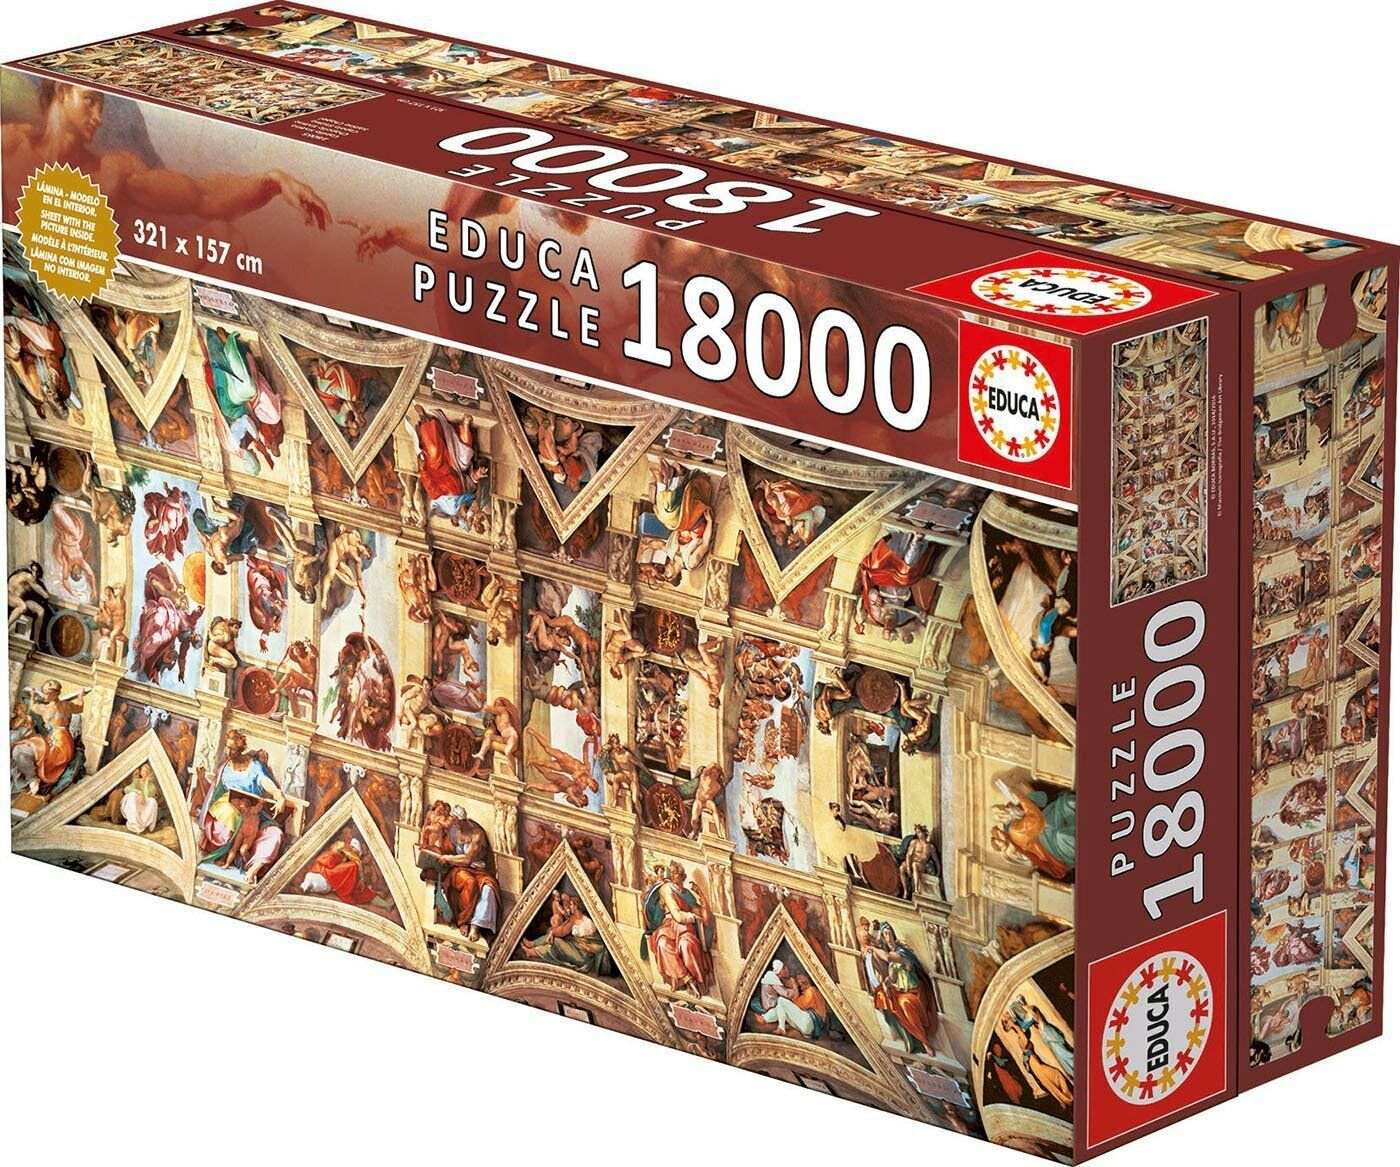 Educa 16065. die Kapelle Sixtinische. Puzzle 18000 Teile. 321x157cm